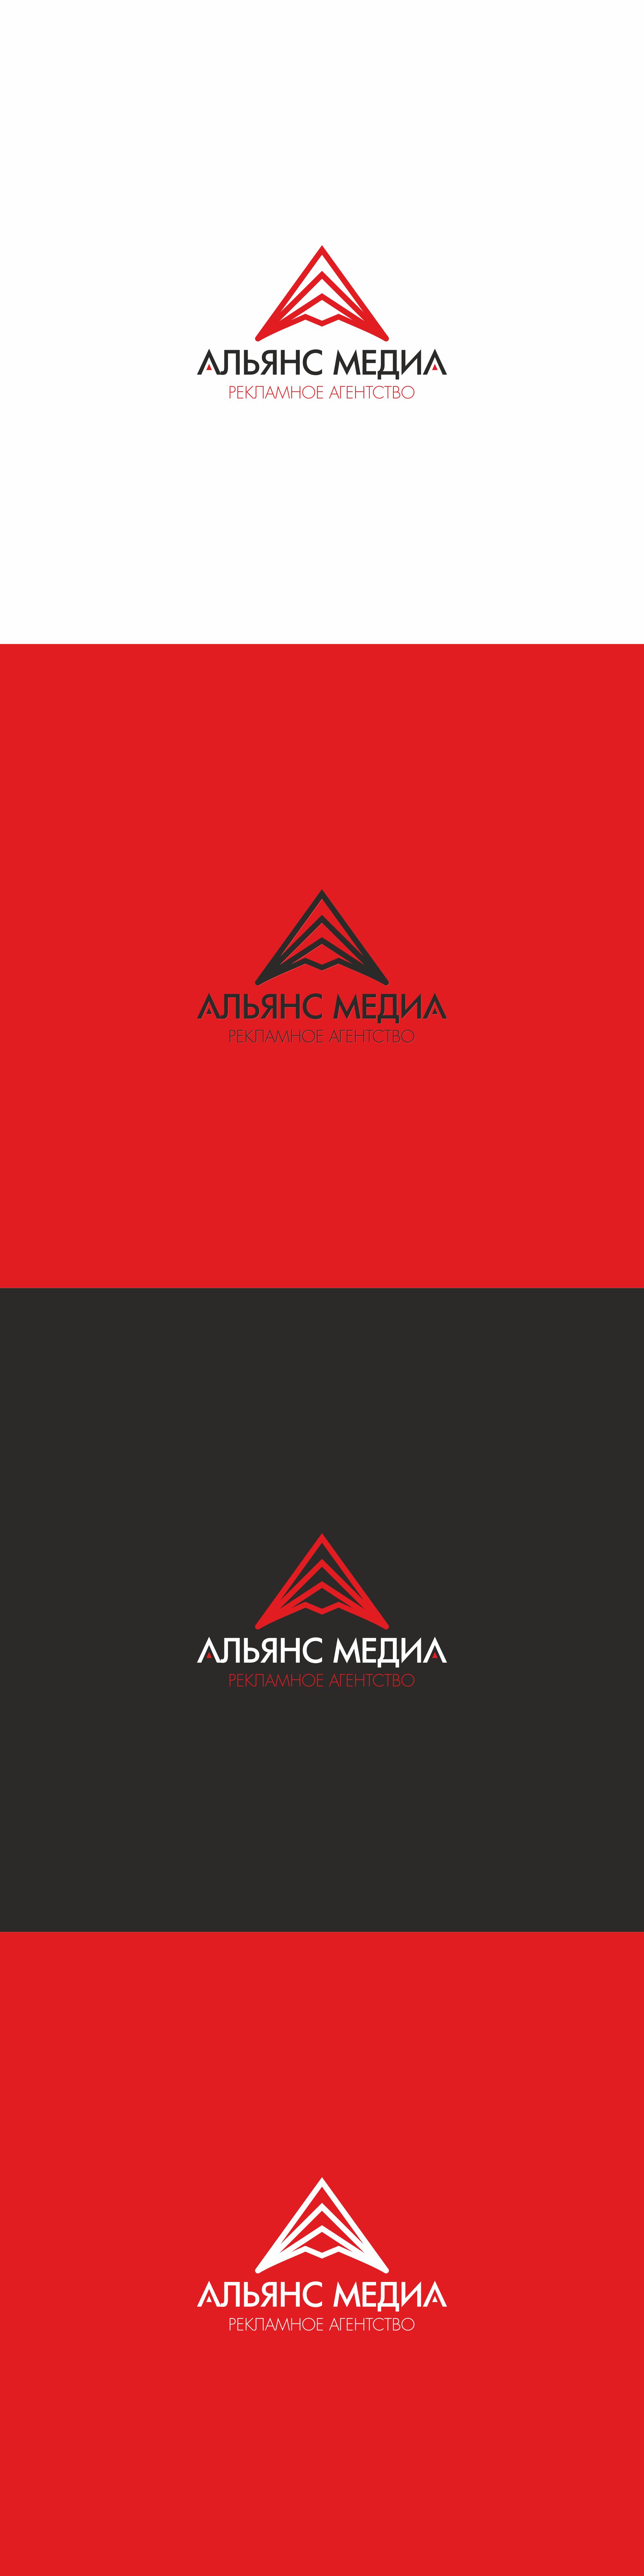 Создать логотип для компании фото f_8675ab8af5a2f44c.jpg